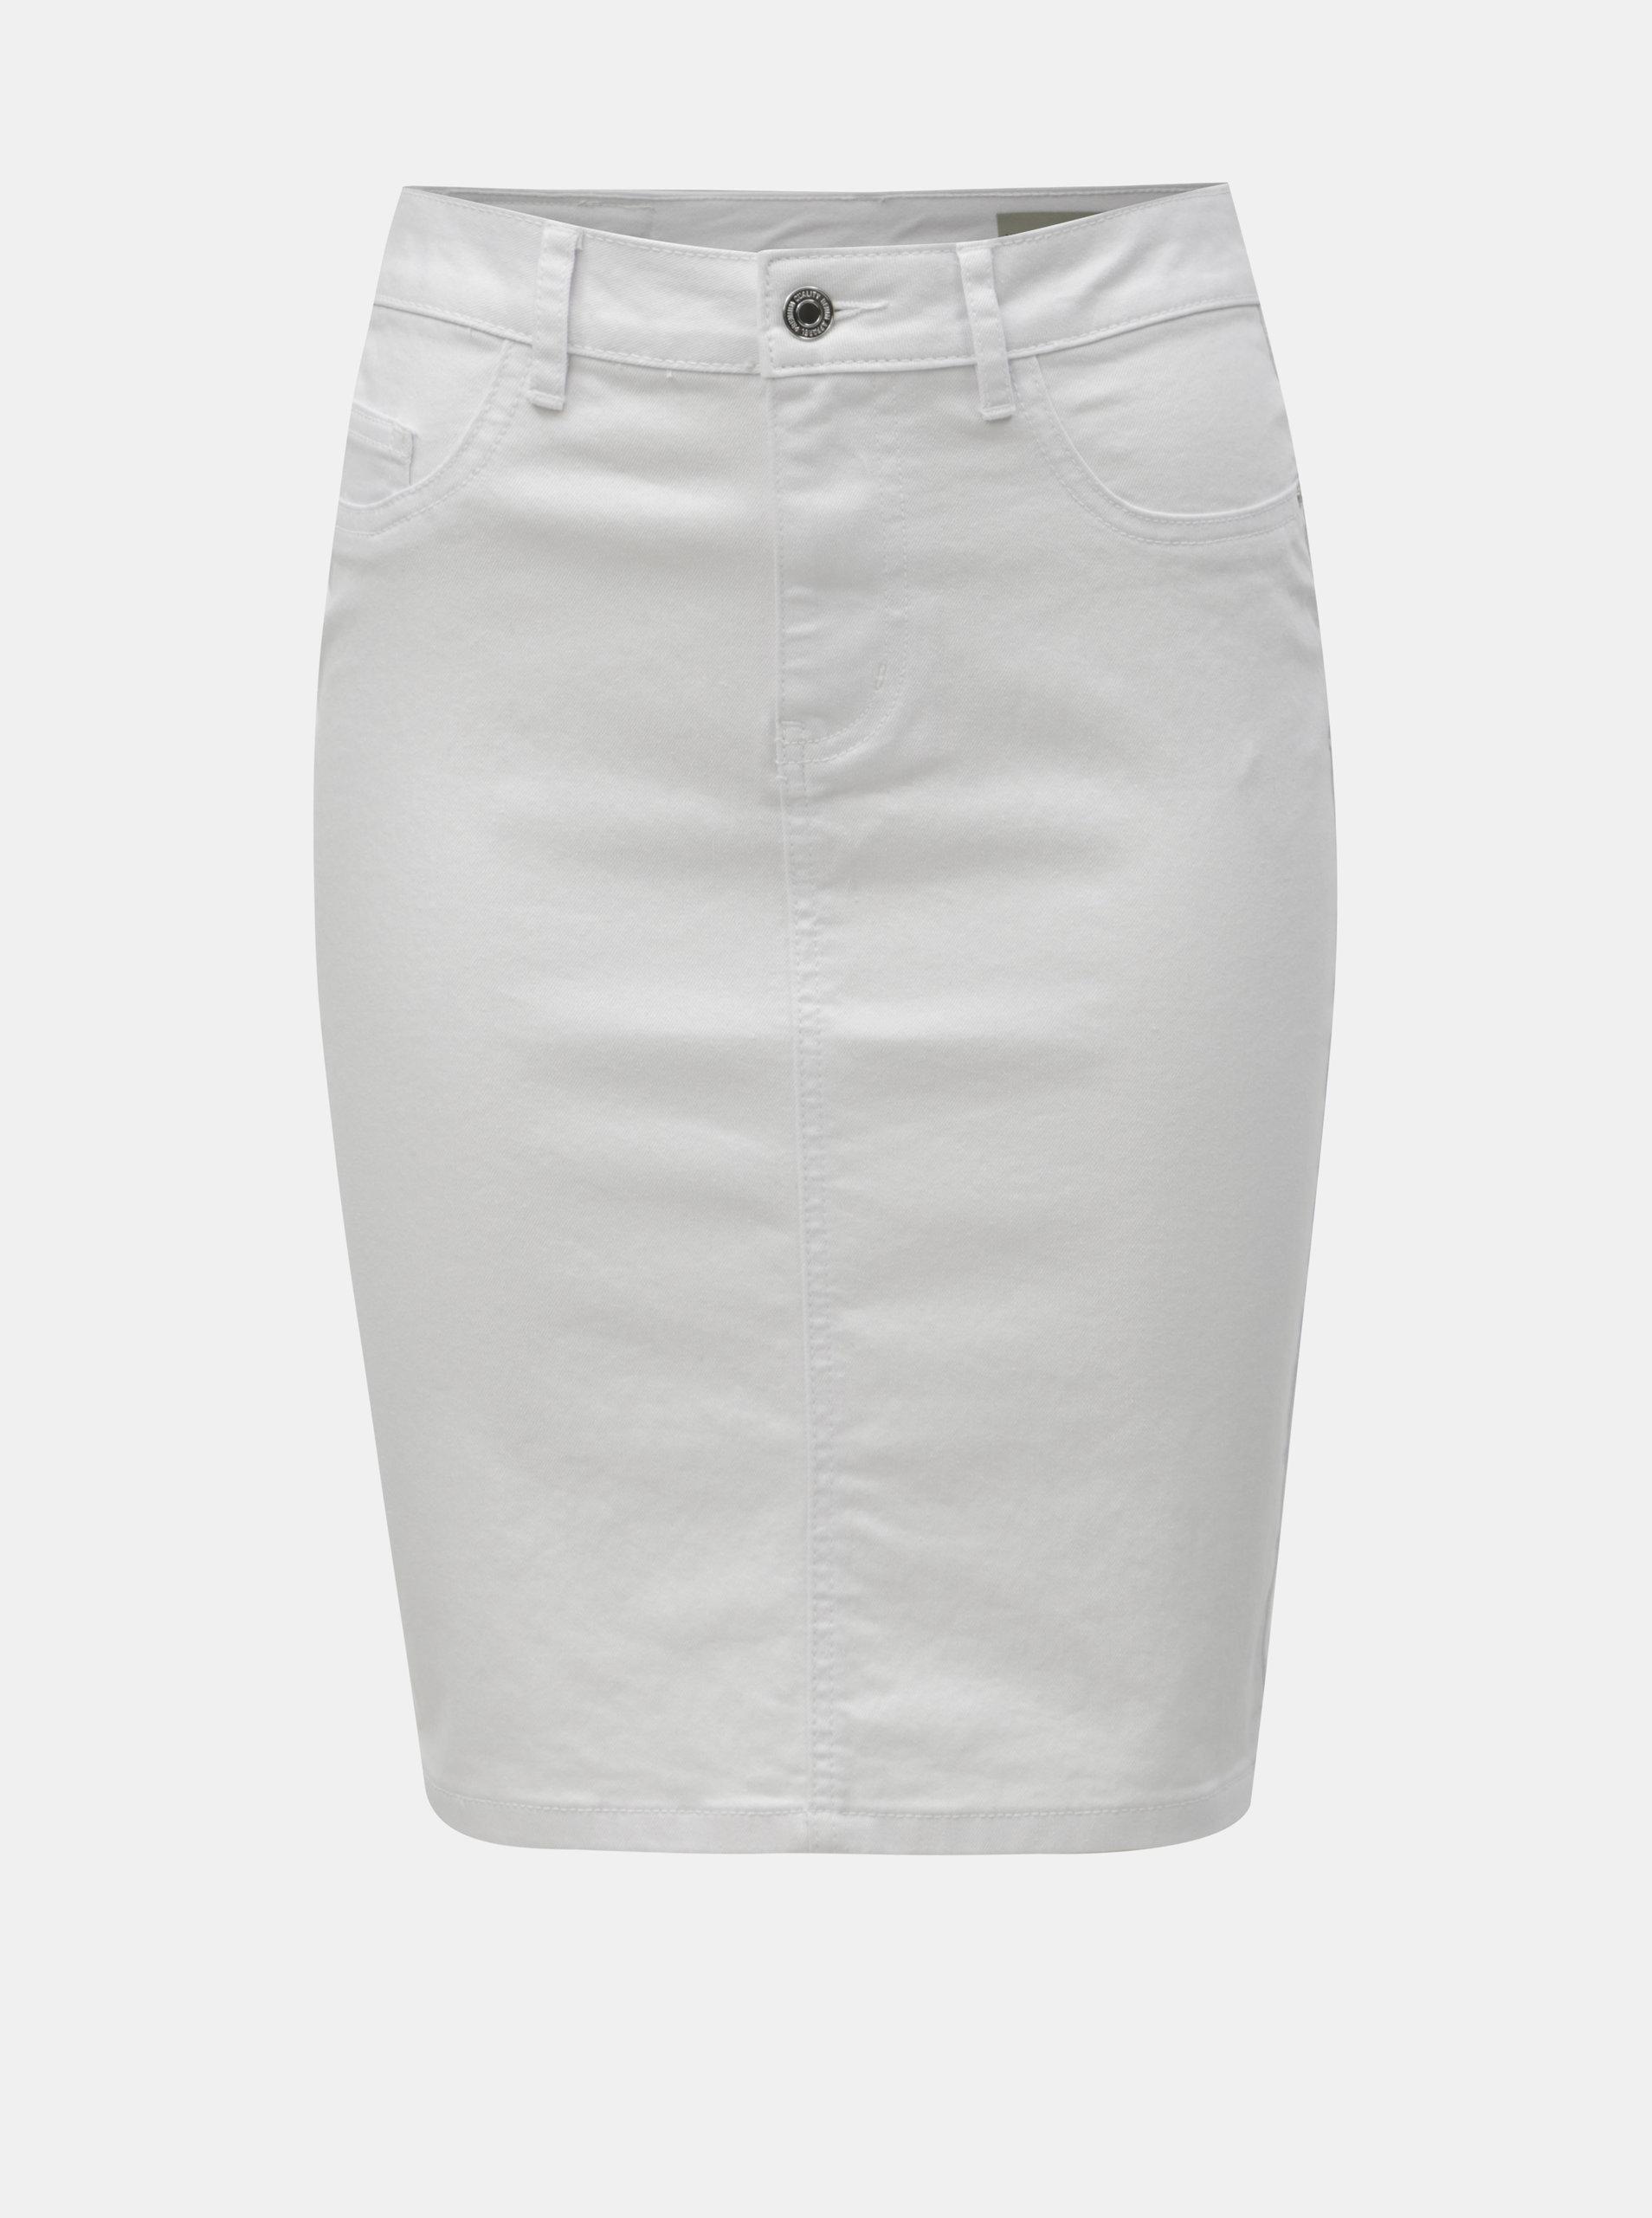 822a85a94e61 Biela rifľová puzdrová sukňa VERO MODA Hot Nine ...